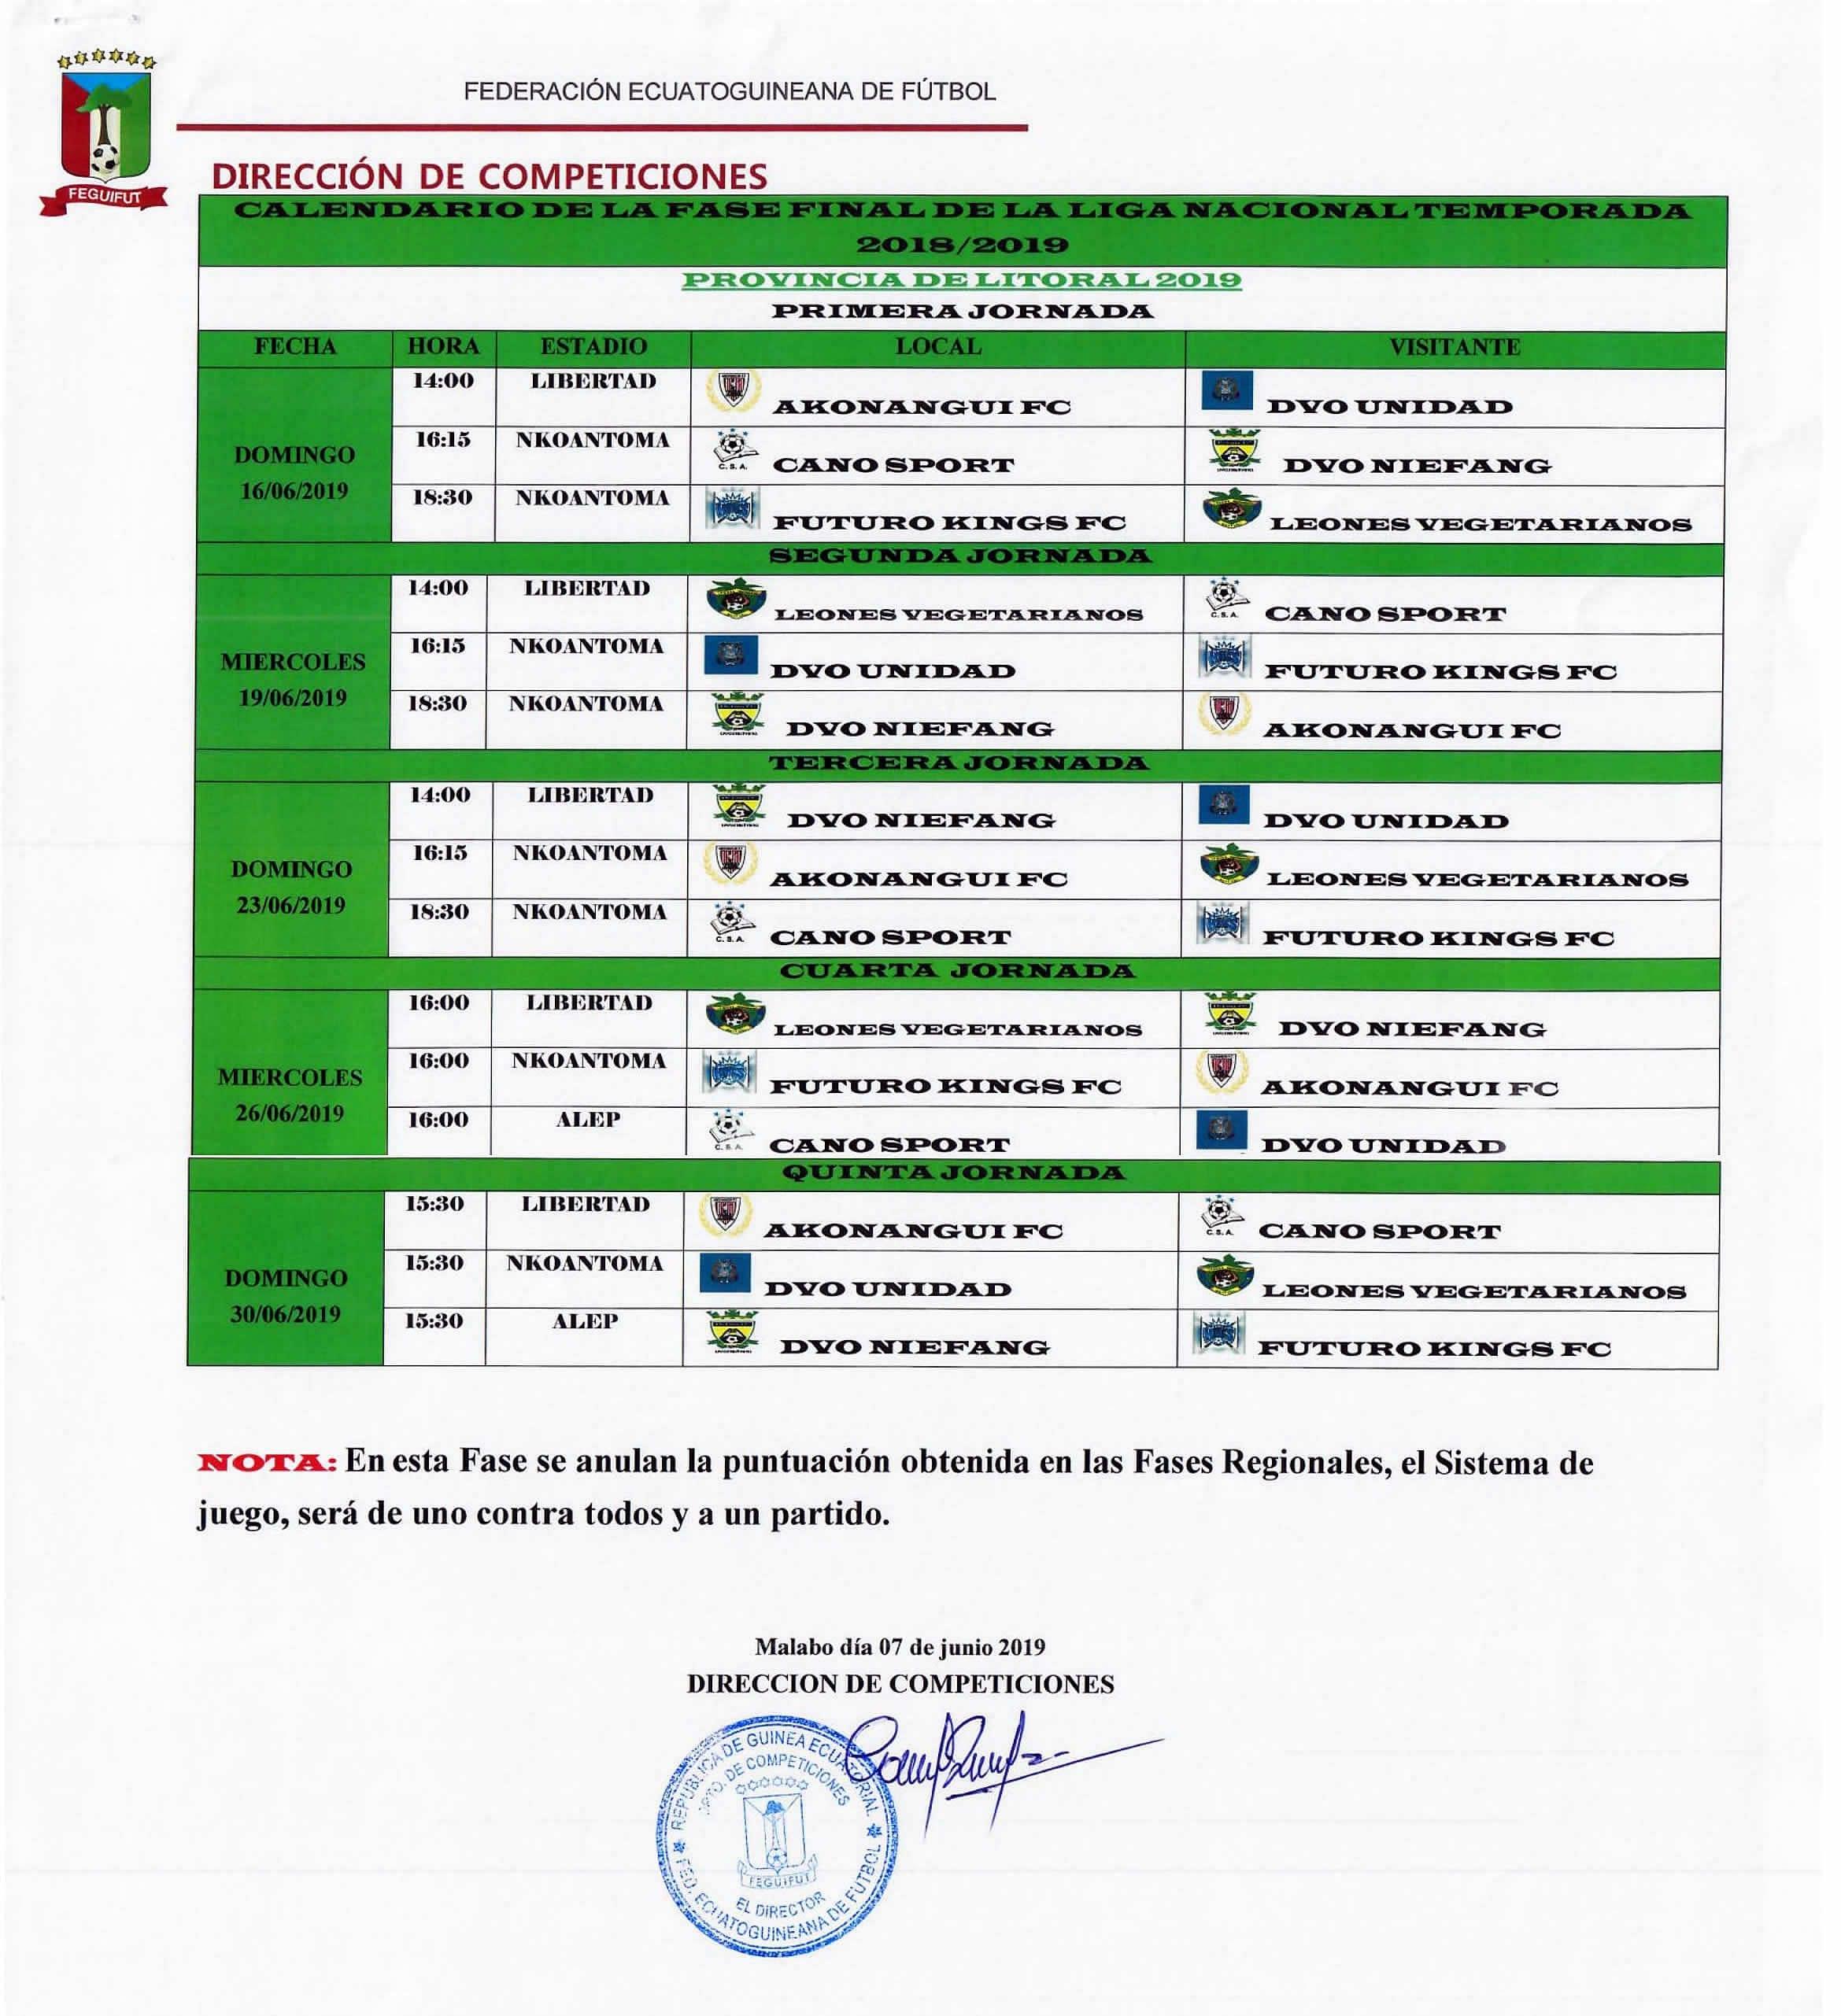 La Federación Ecuatoguineana de Fútbol publica el calendario oficial de la Liguilla Nacional de fútbol masculino